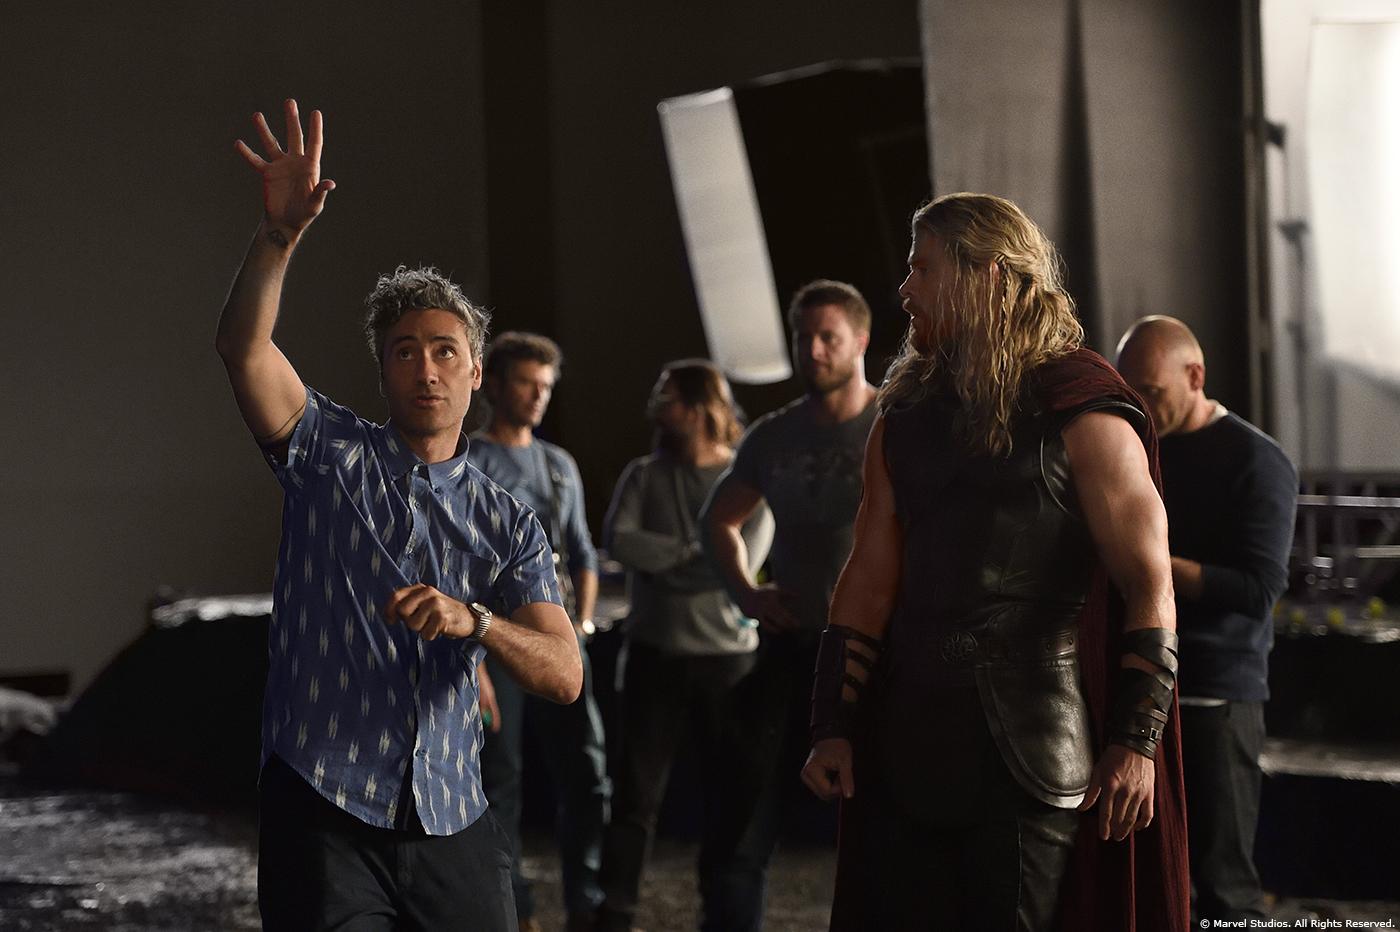 THOR - RAGNAROK: Jake Morrison - Overall VFX Supervisor - Marvel